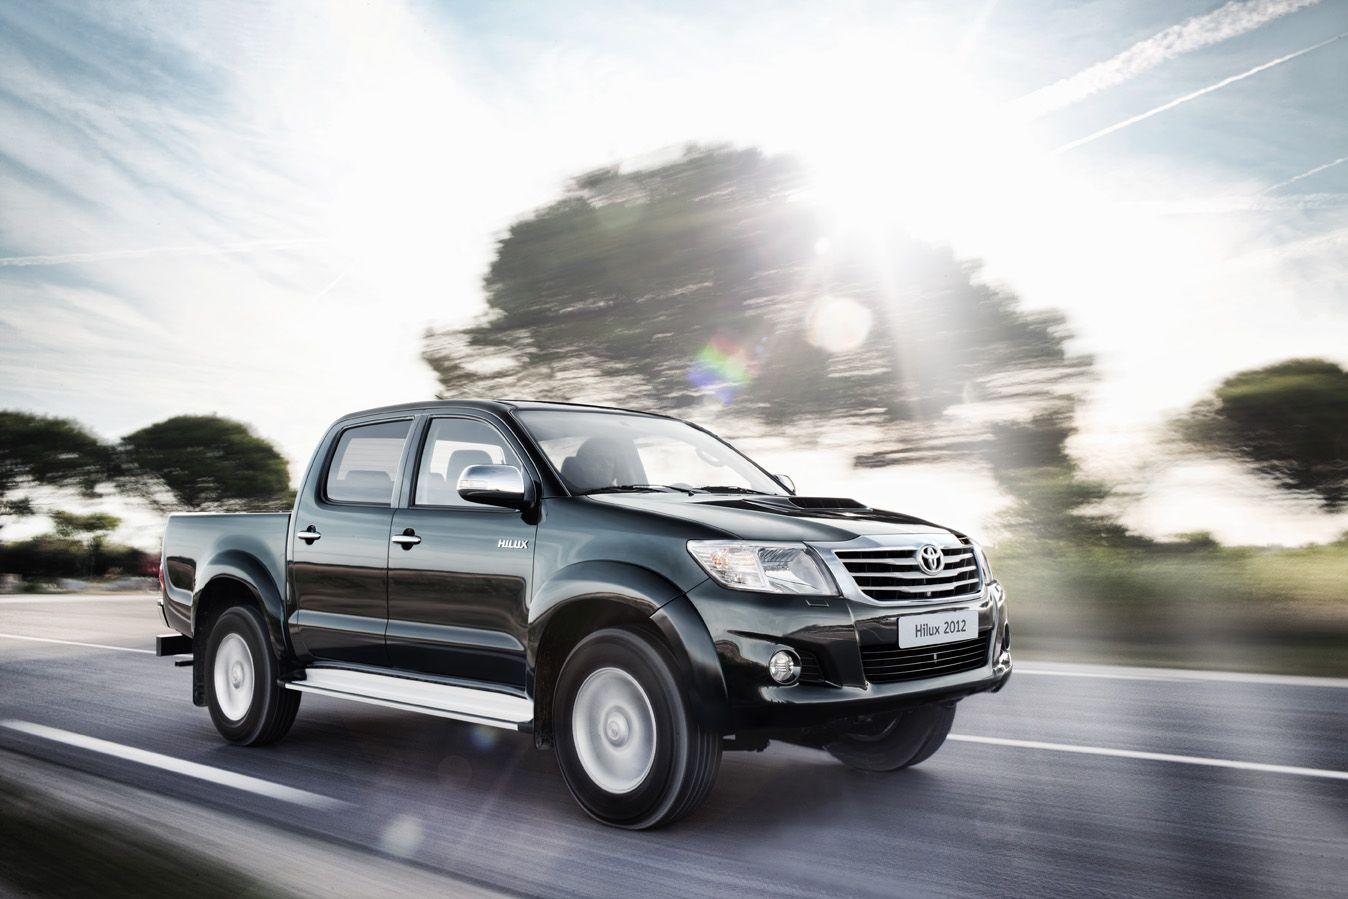 Nuovo Hilux 2012: design rinnovato per il best-seller Toyota